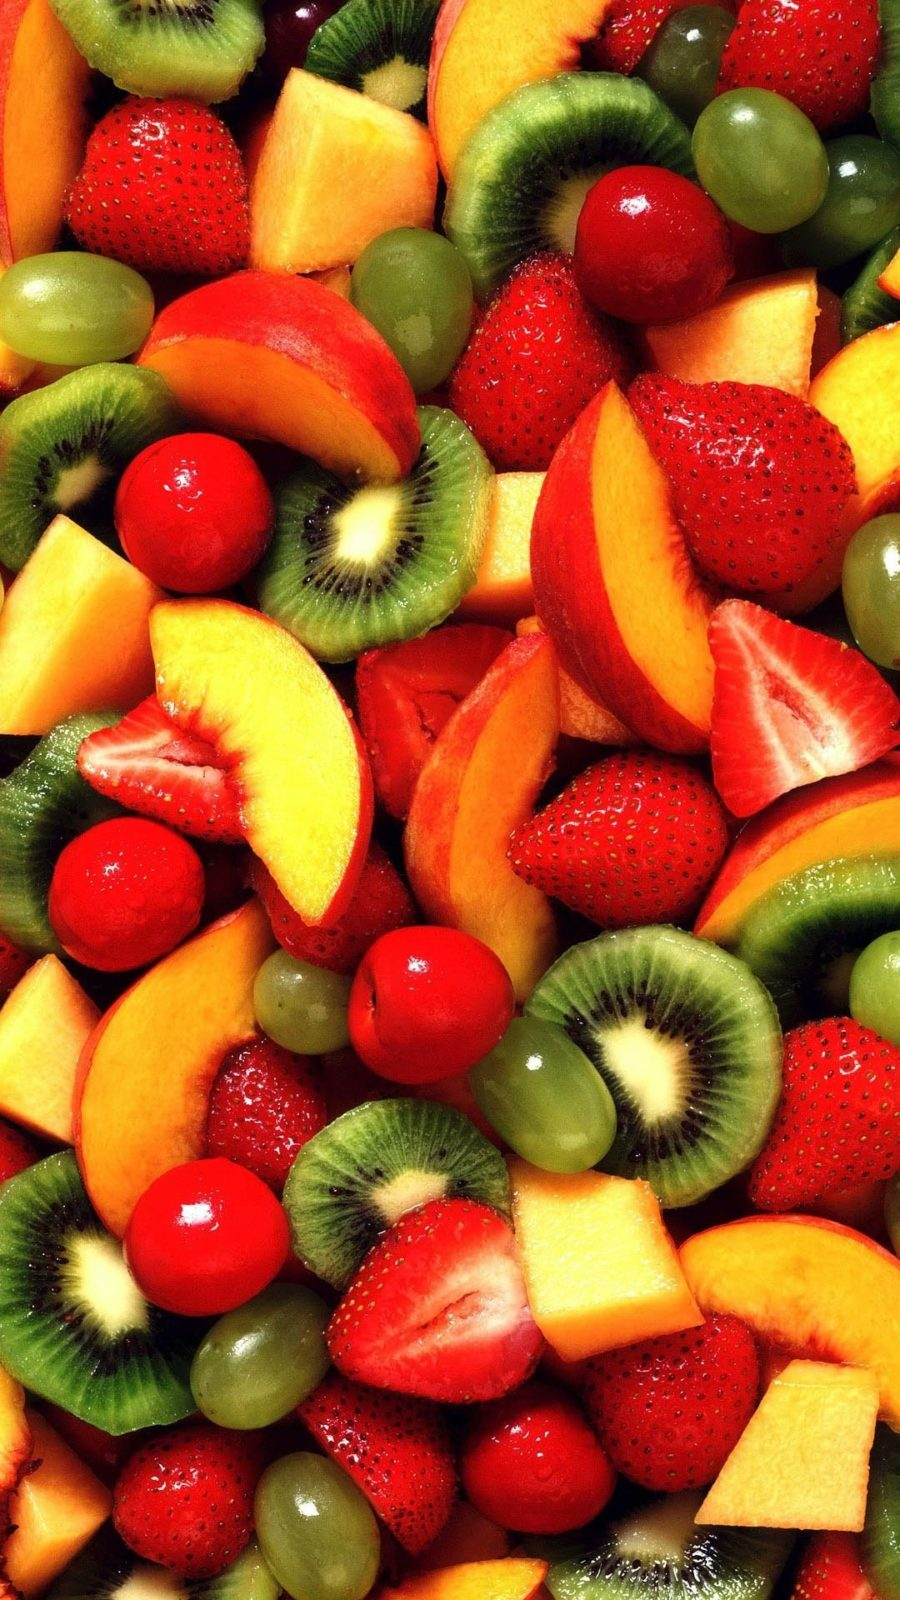 обои фрукты 22